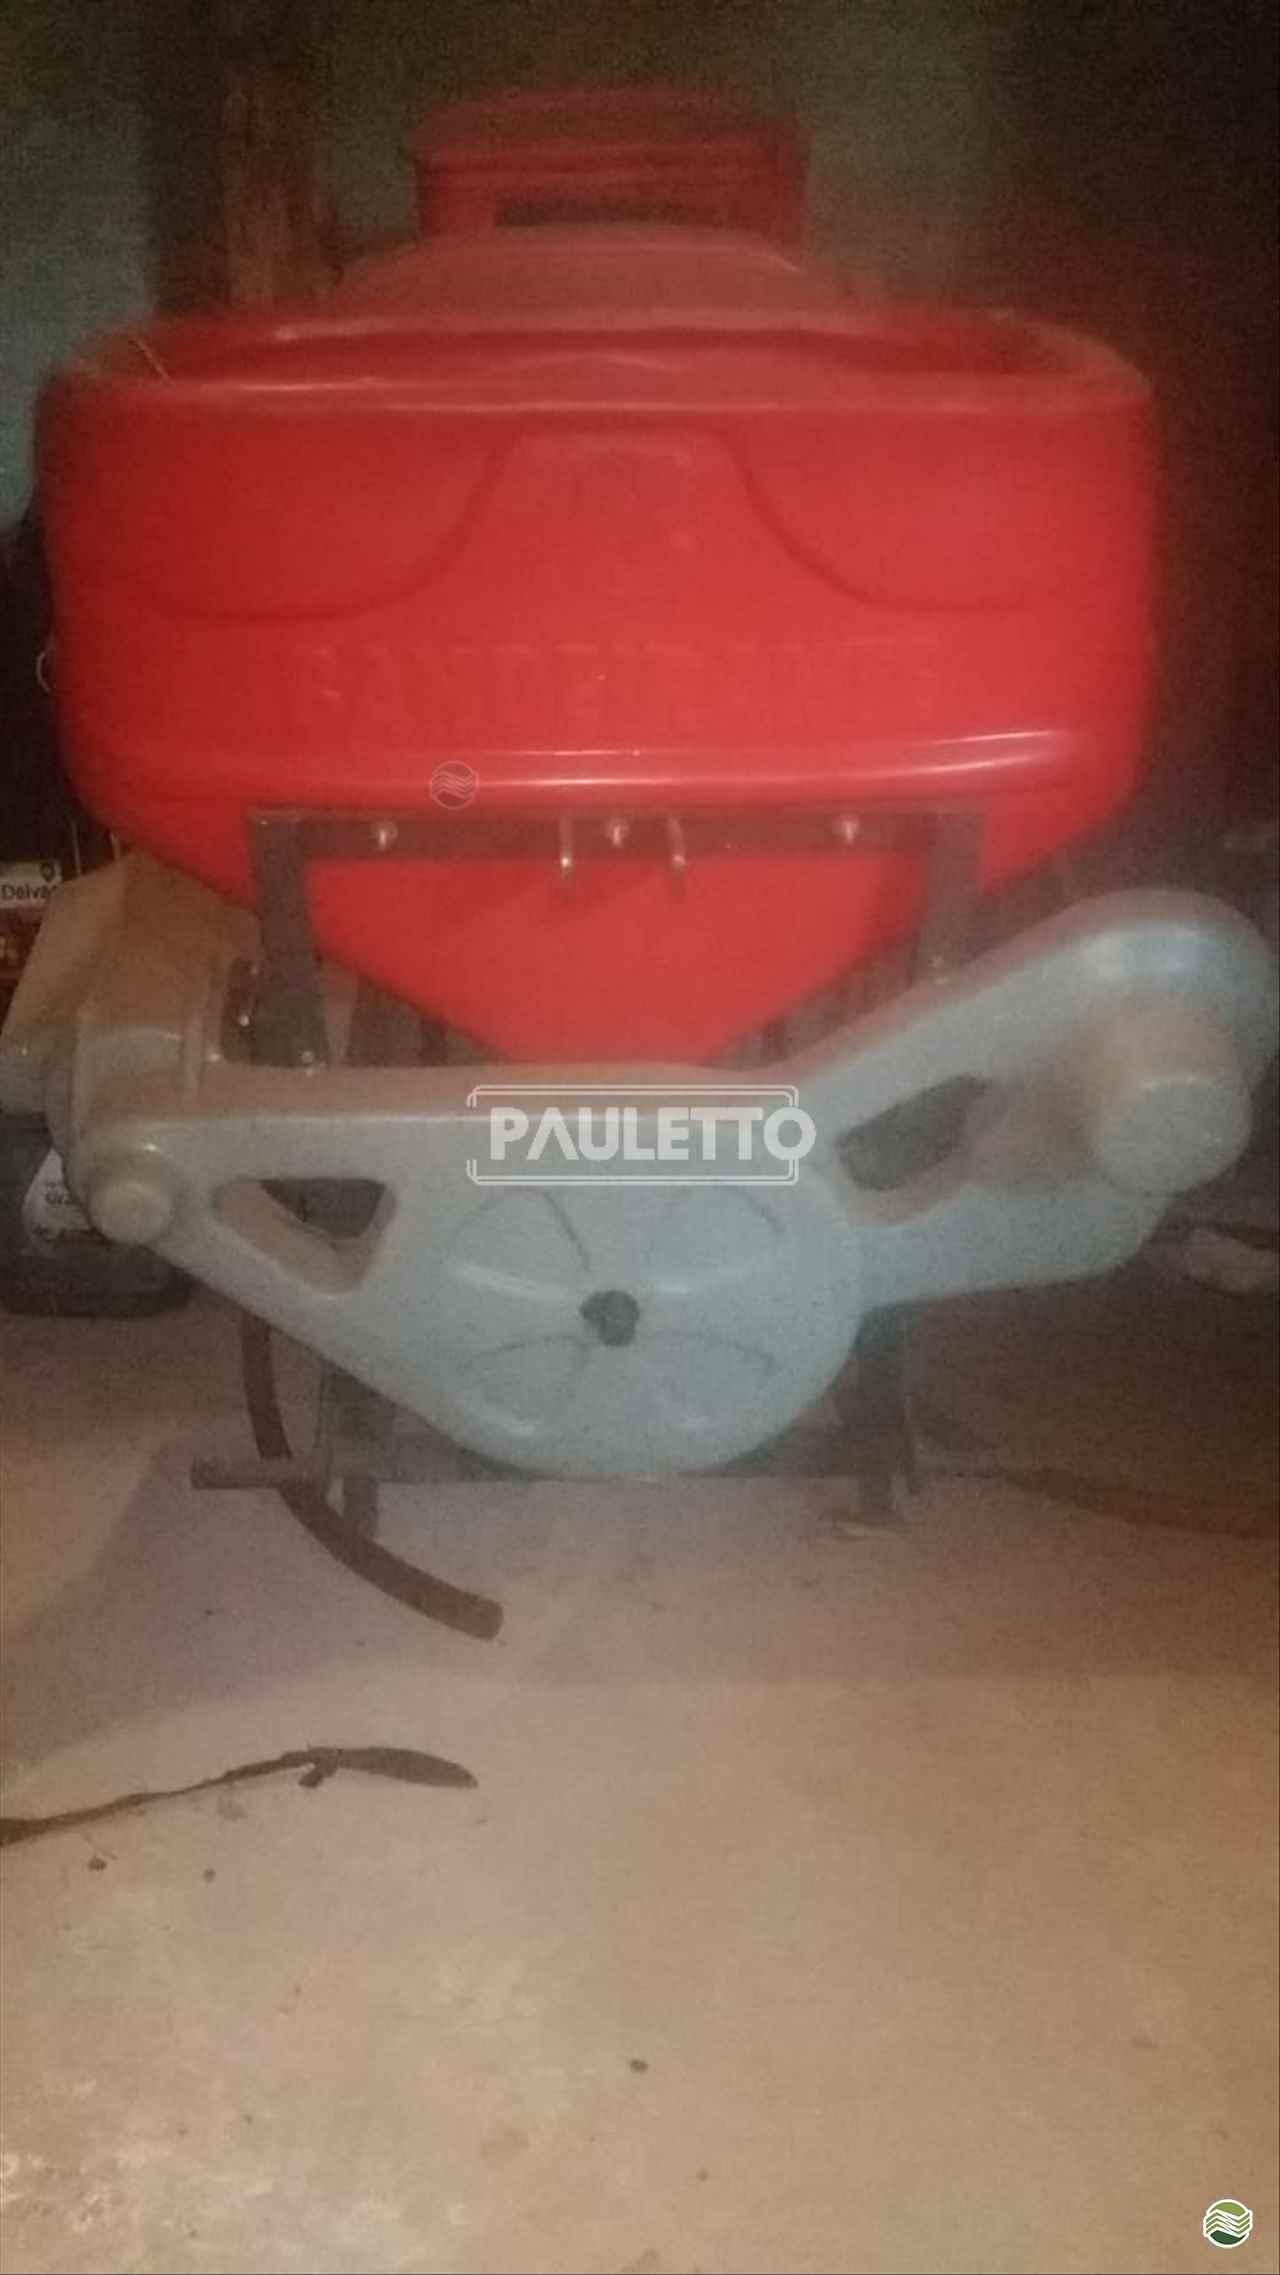 IMPLEMENTOS AGRICOLAS TRATADOR DE SEMENTES TRATADOR DE SEMENTES Metalúrgica Pauletto CASCAVEL PARANÁ PR